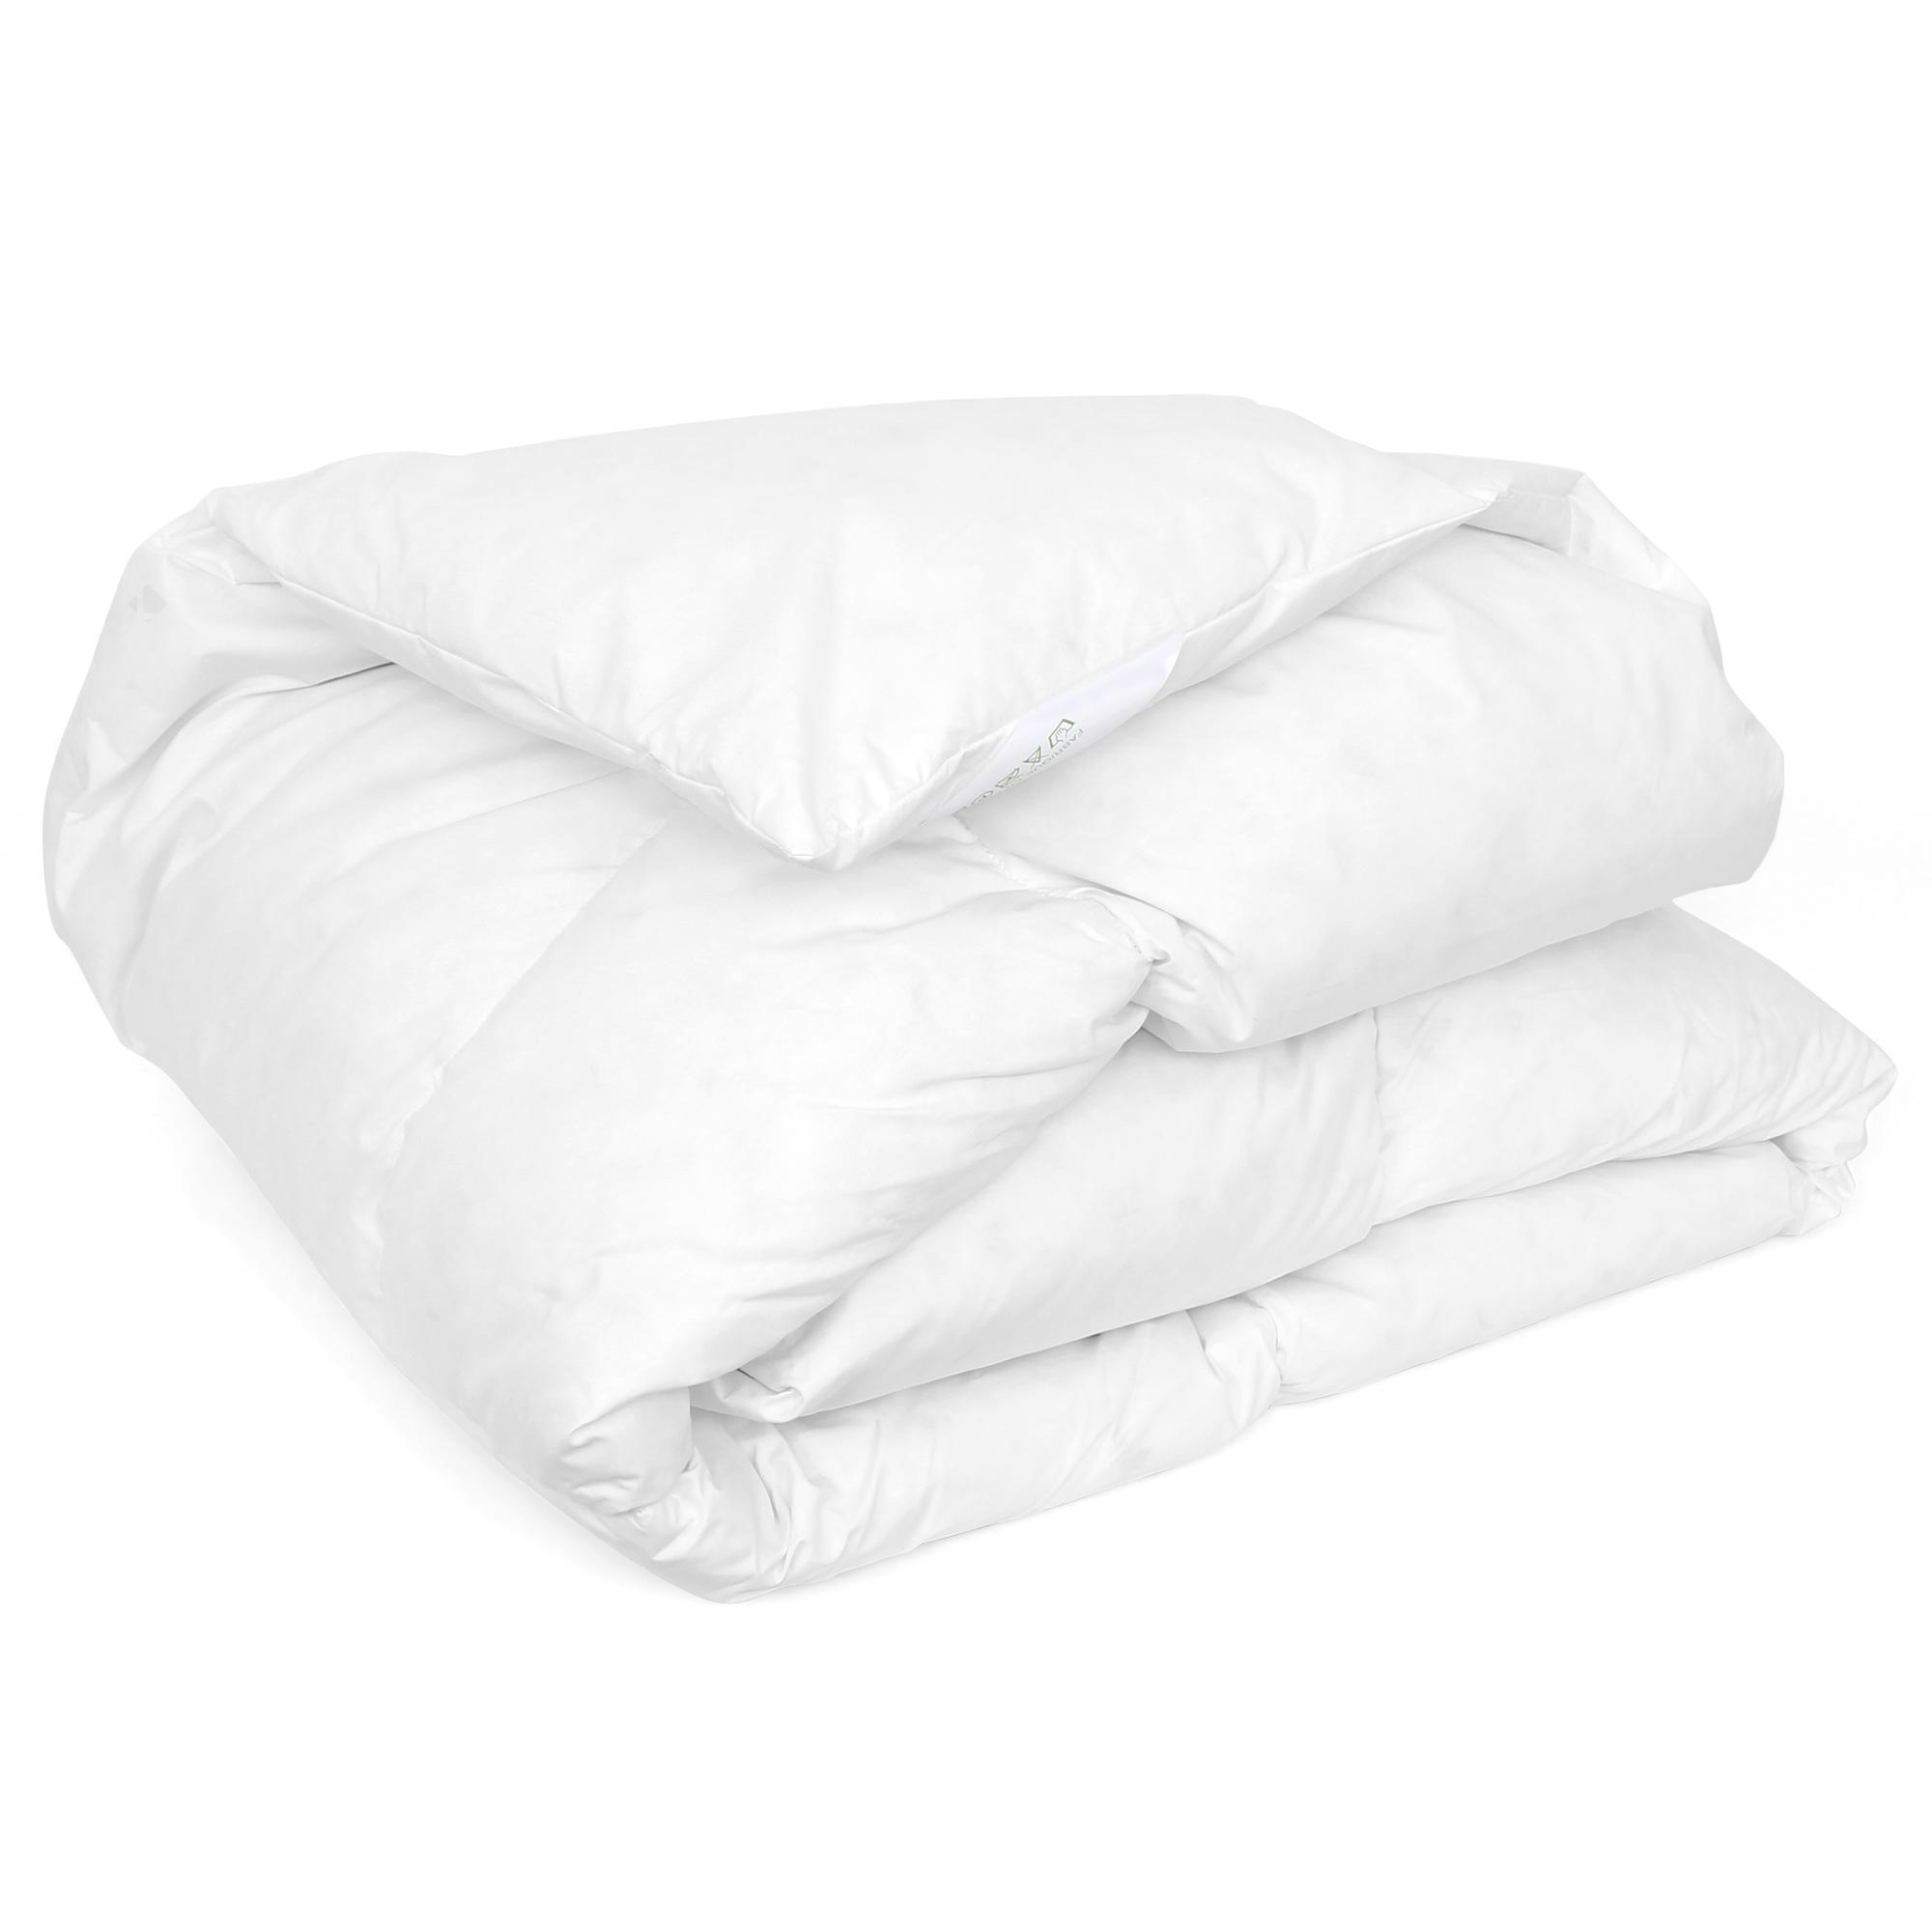 couette 160x200 cm hiver picardie garnissage naturel duvet. Black Bedroom Furniture Sets. Home Design Ideas